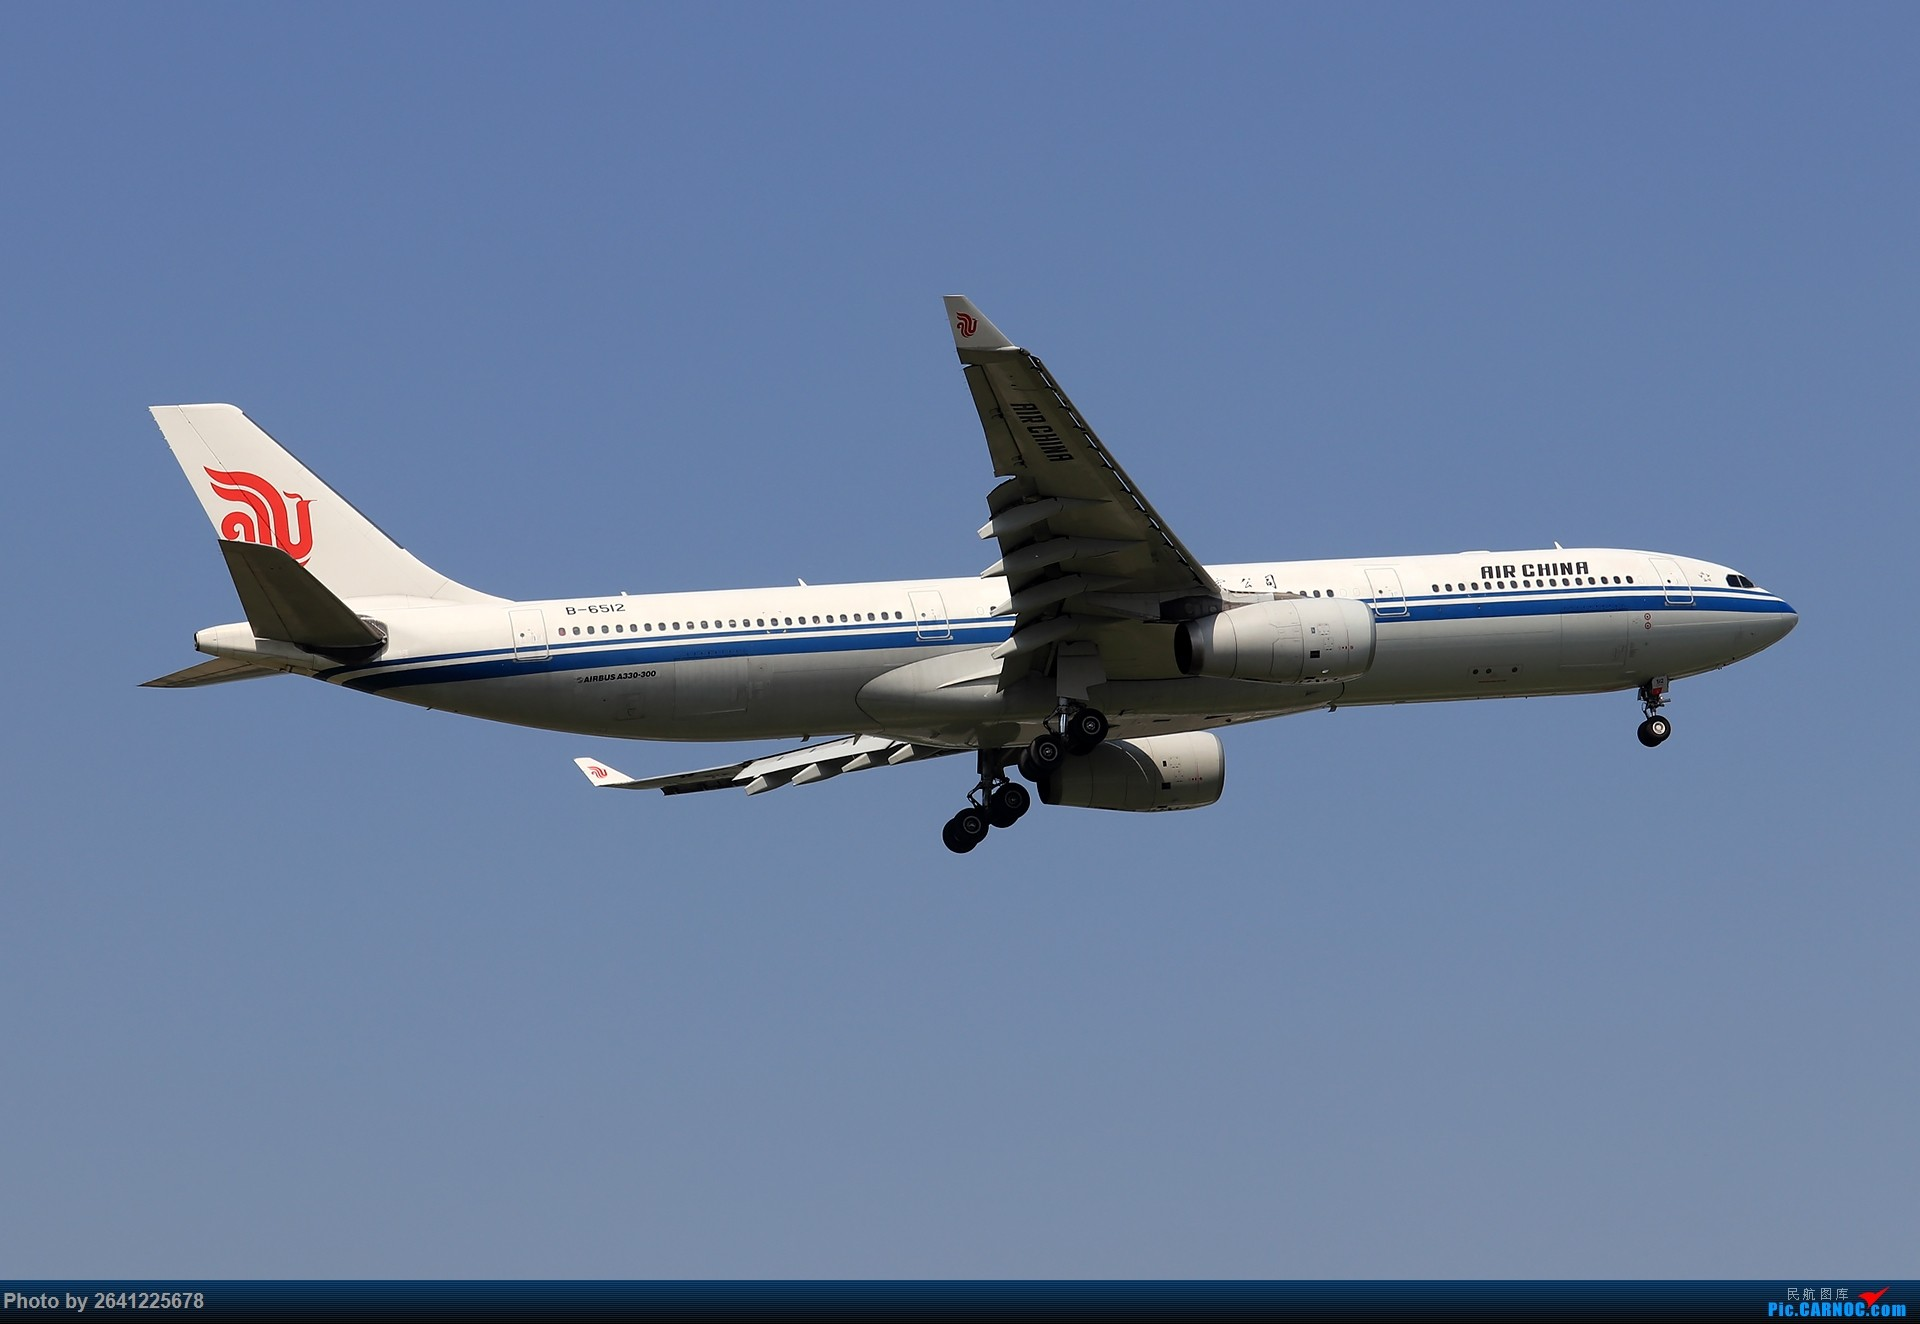 Re:[原创]*****试新机+新镜***** 1920(烂天+地热+渣技术,望大佬多多包涵) AIRBUS A330-300 B-6512 中国北京首都国际机场